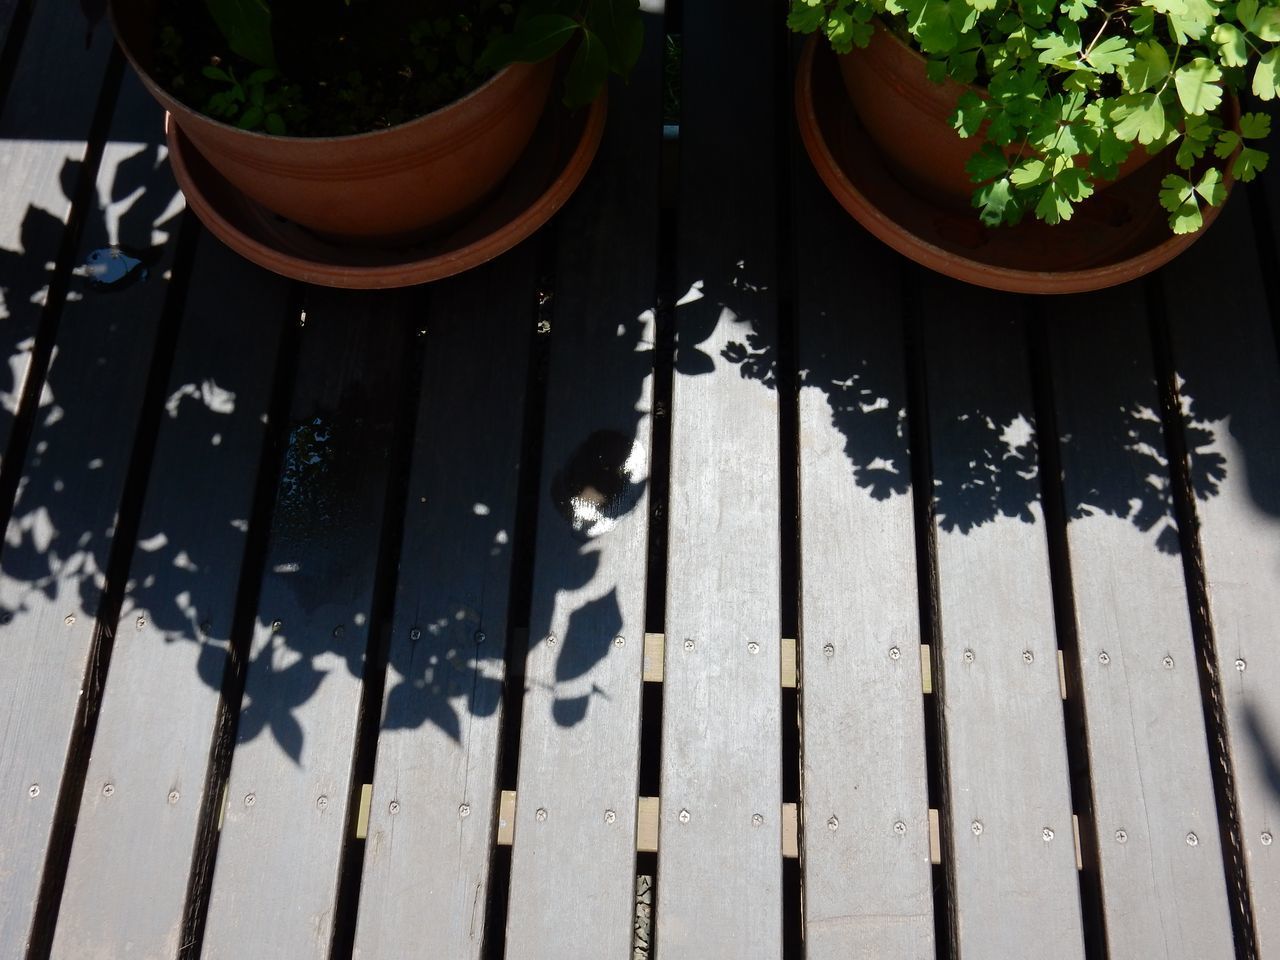 夏至 晴れ 2週間ぶりの25℃ 1日遅れのストロベリームーン_c0025115_22073898.jpg